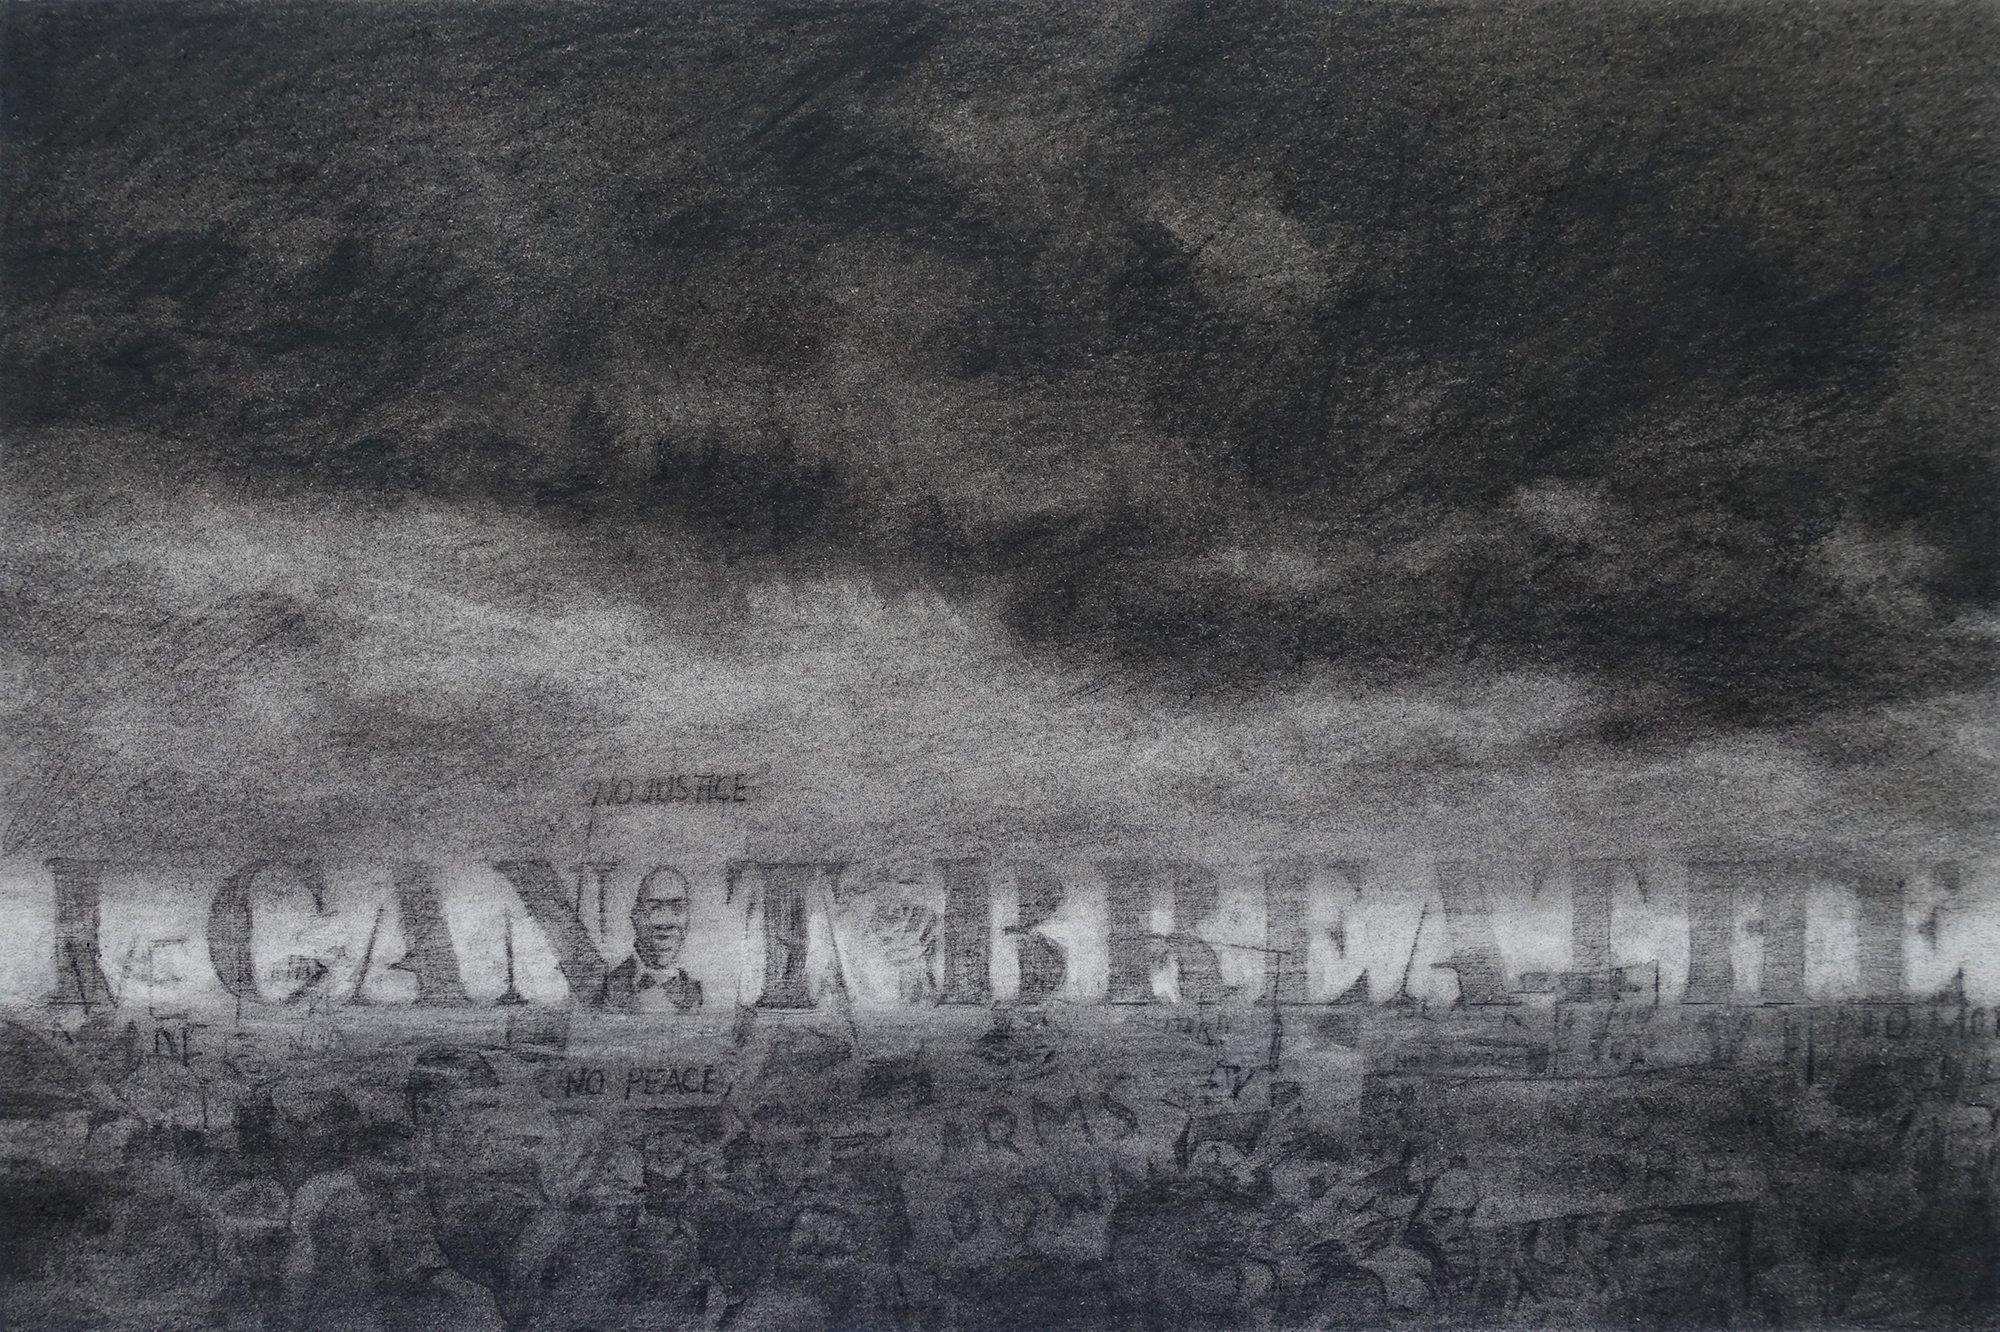 Artwork: I Can't Breathe - George Floyd - Black Lives Matter